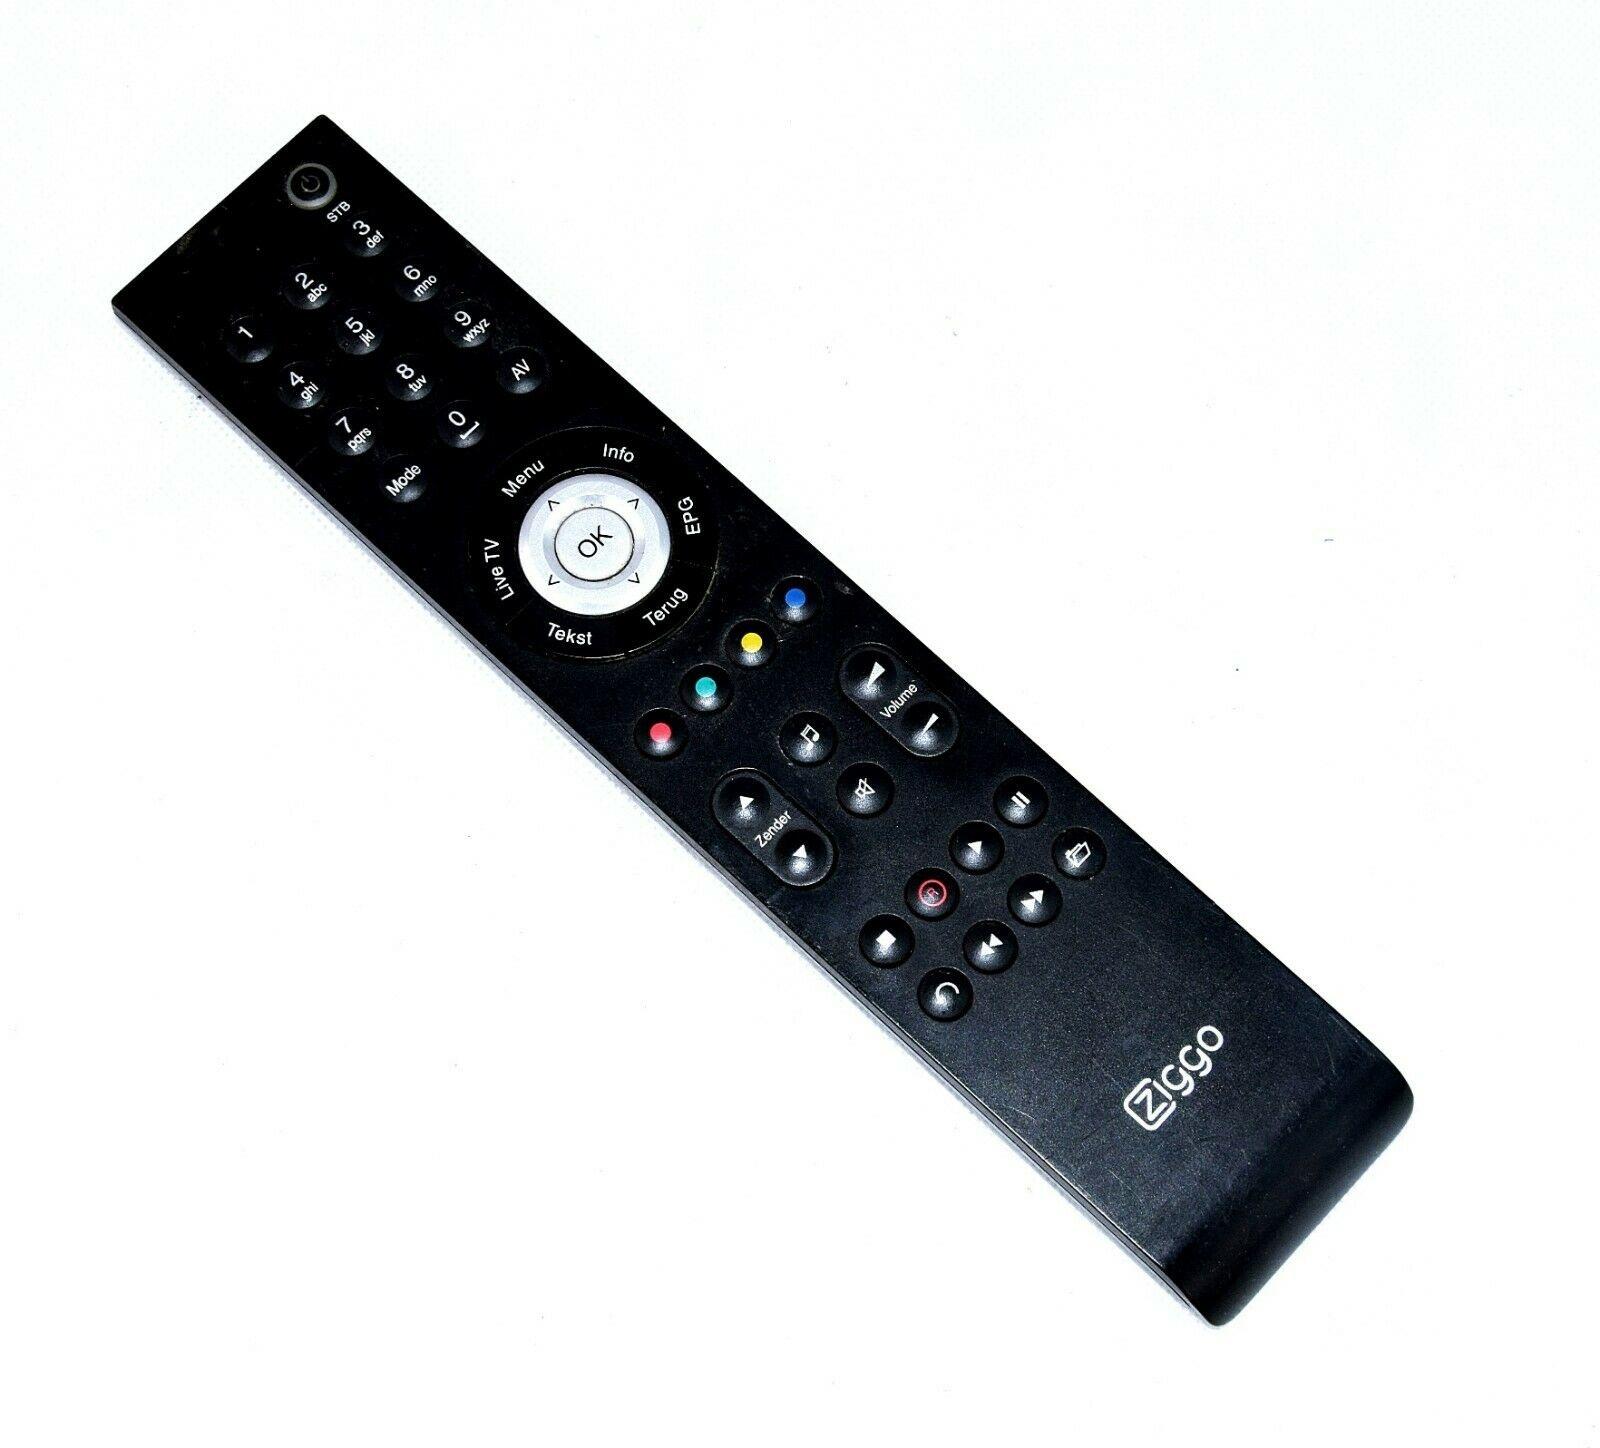 Ziggo ZIGGO Original Remote Control Cisco 8455 8485 TV